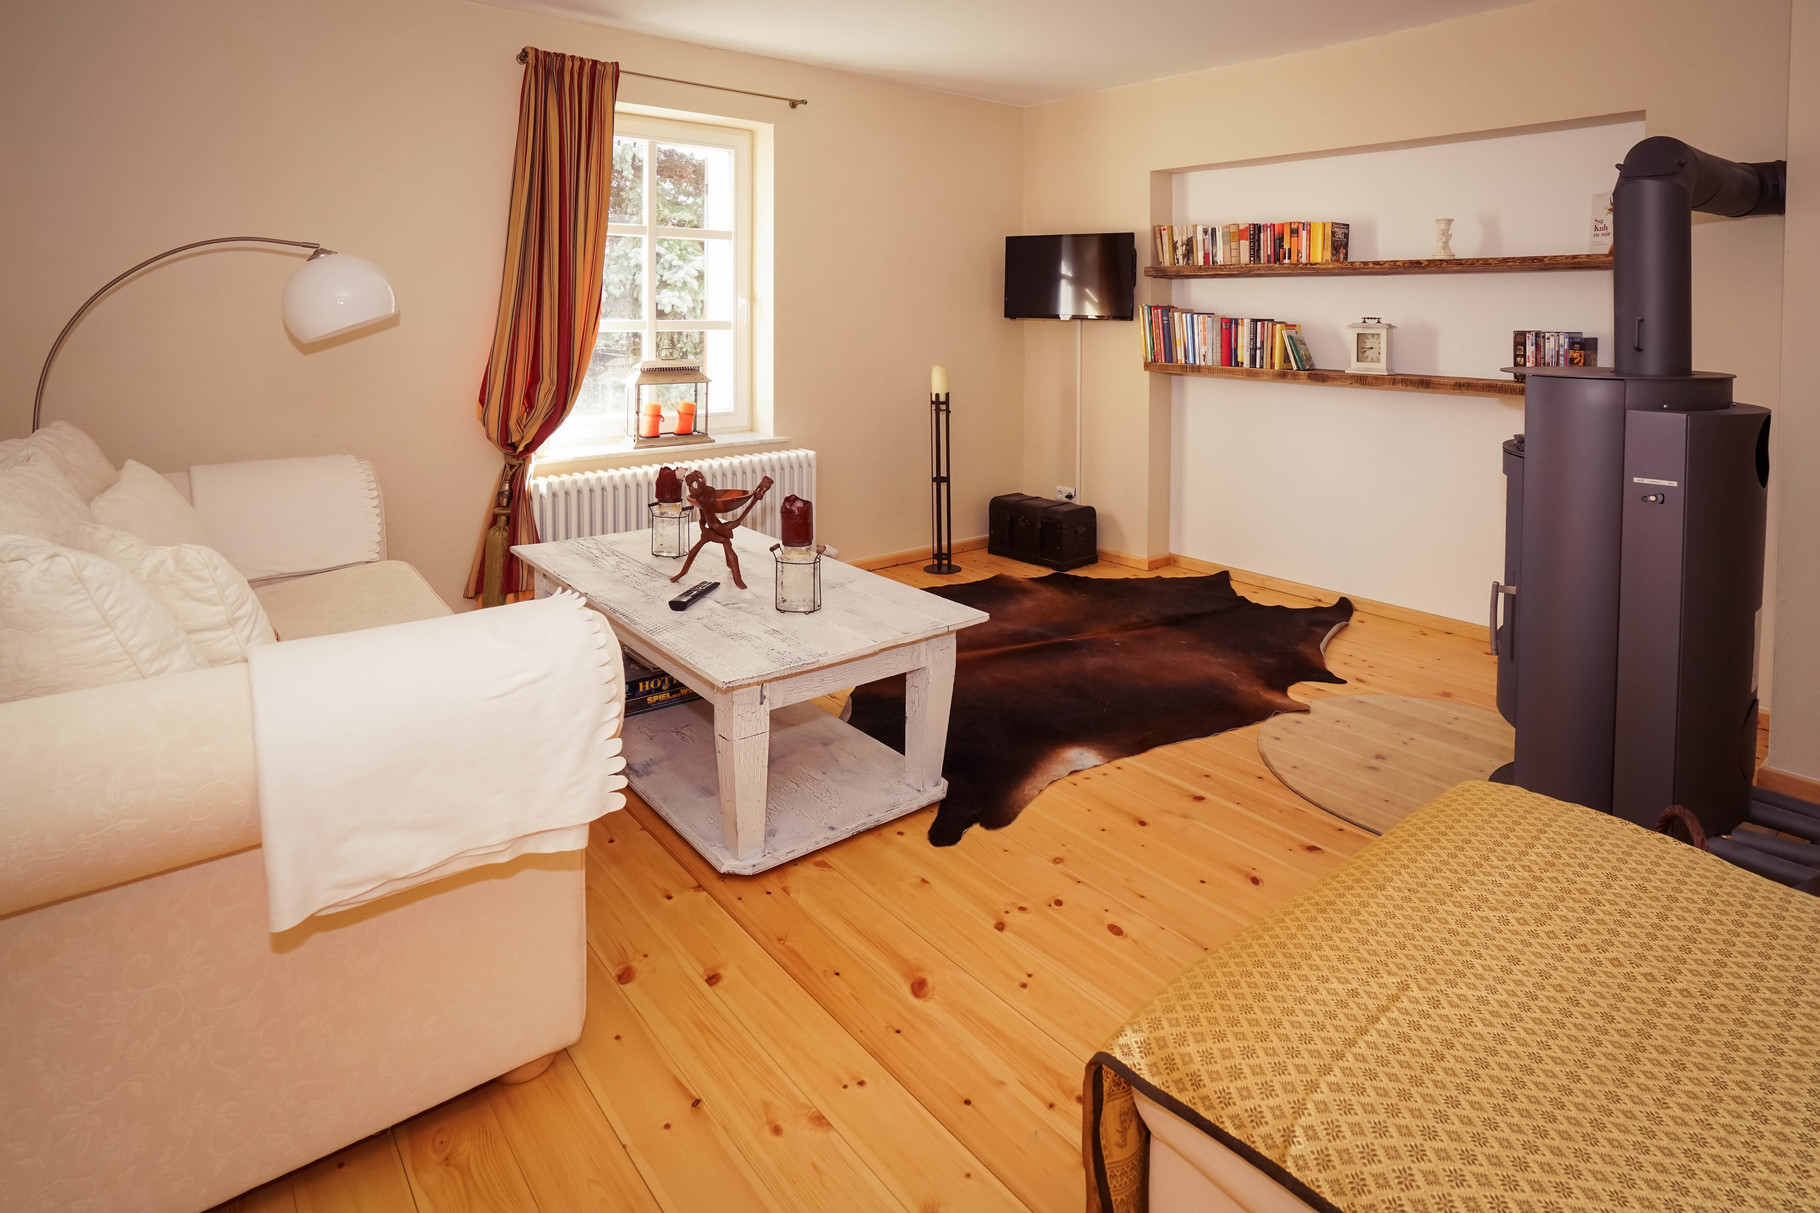 MINNA'S Wohnzimmer - Kamin, TV, DVD und Bücherregal